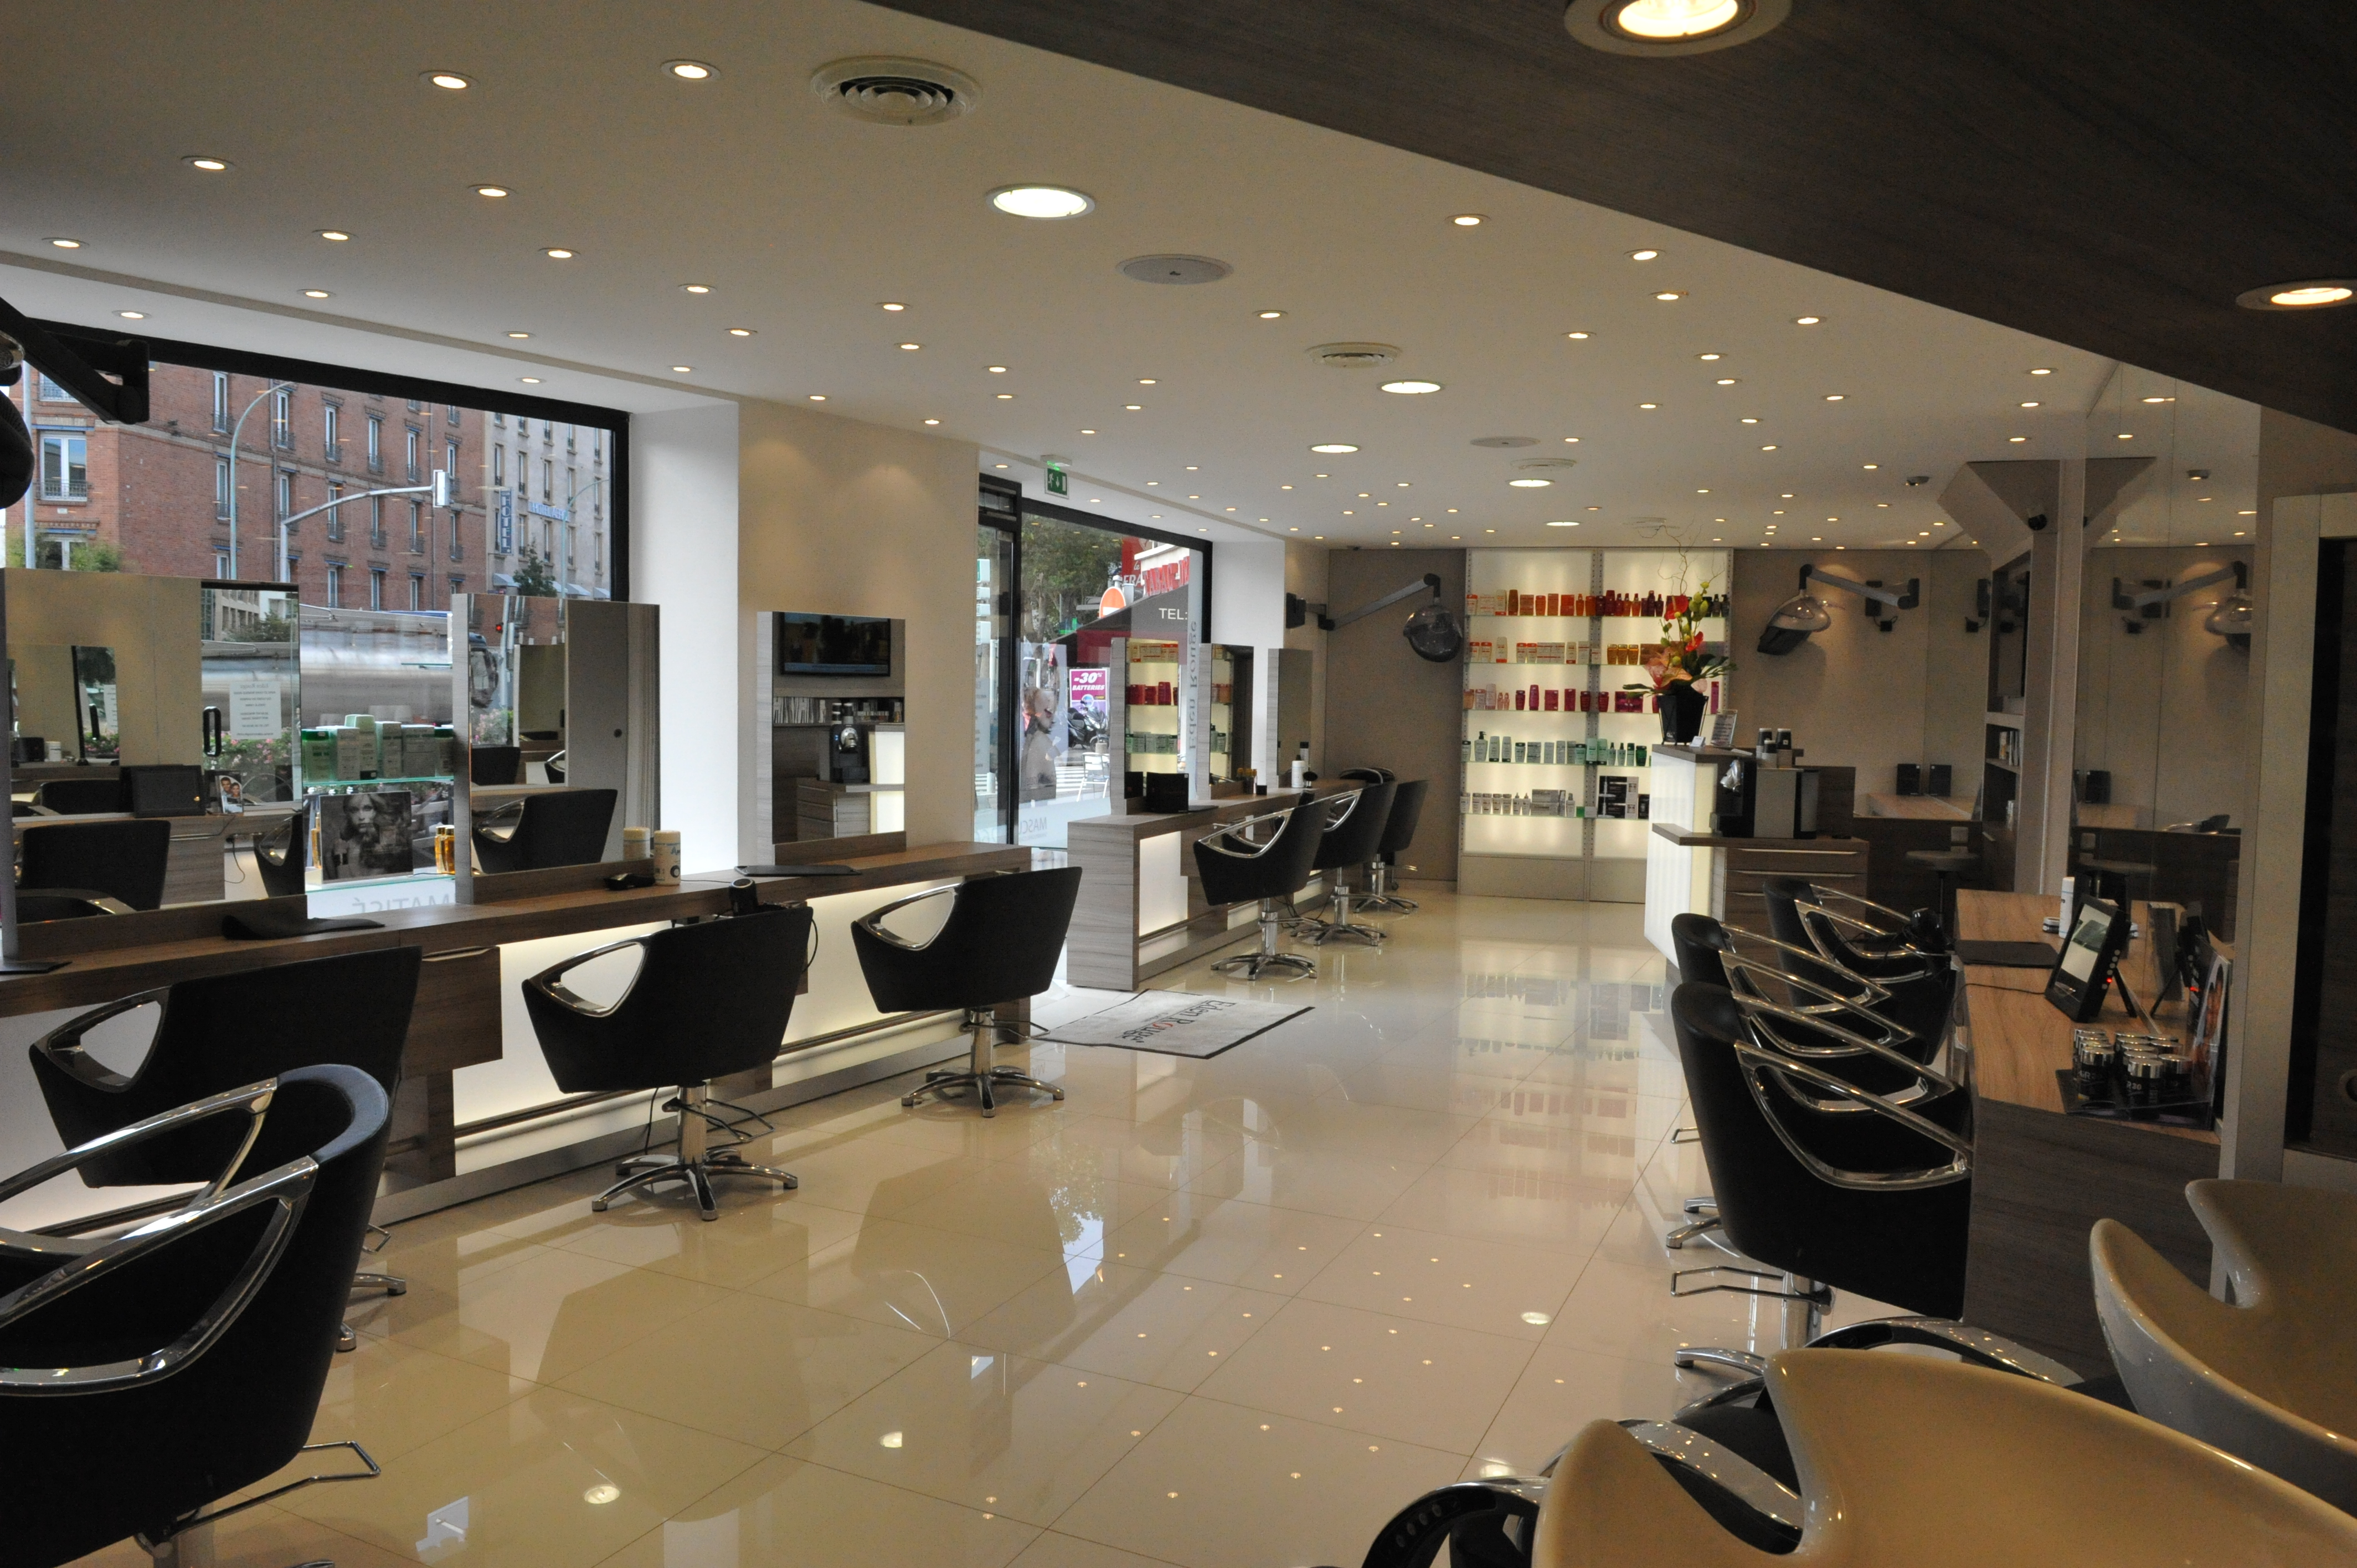 Coiffeur clamart avis - Salon de coiffure clamart ...